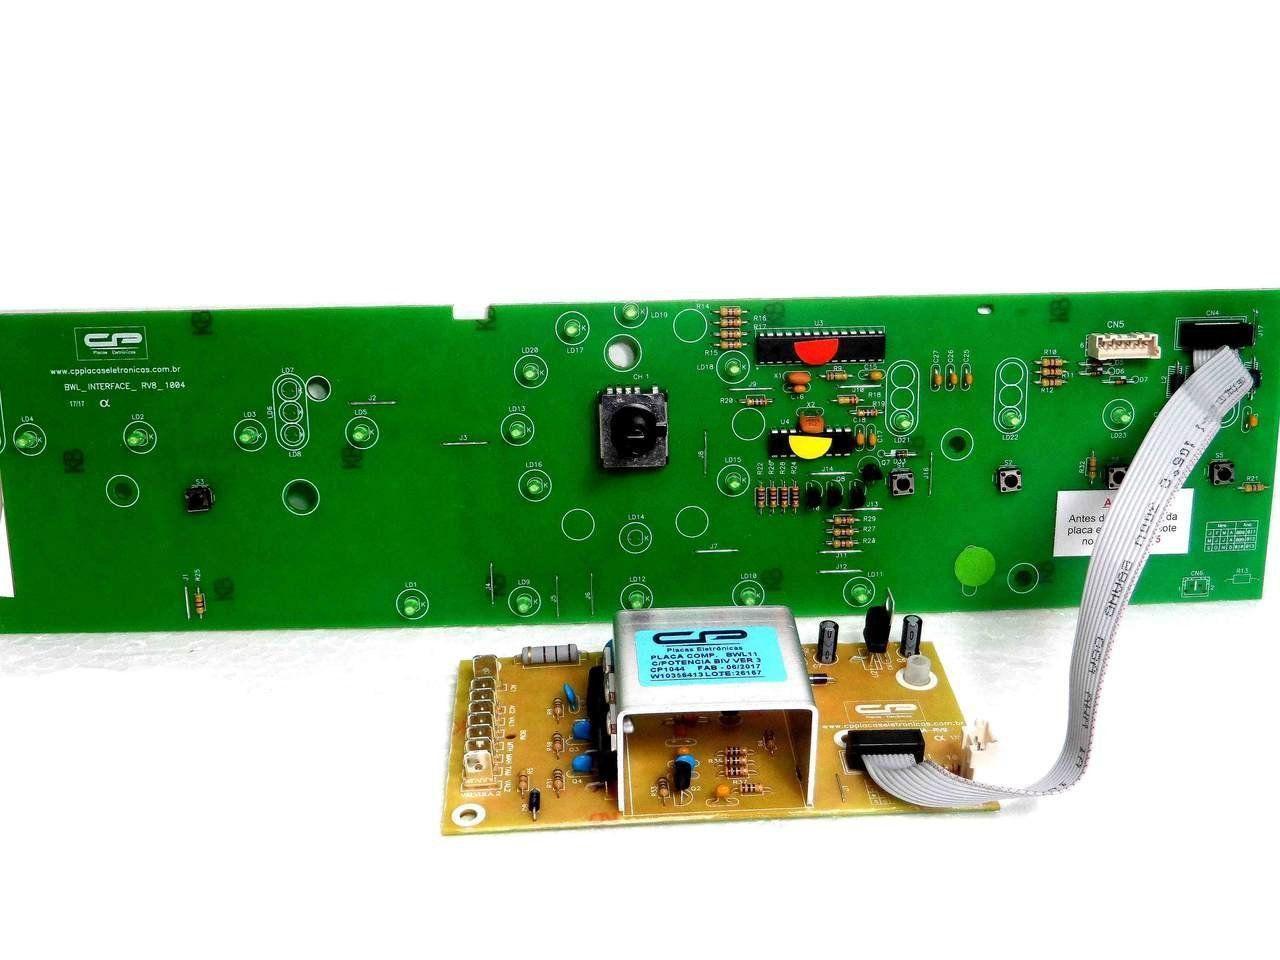 Placa Eletrônica Potência e Interface Lavadora Brastemp BWL11 BWB 11 Versão 3 Com Sensor C.P W10356413